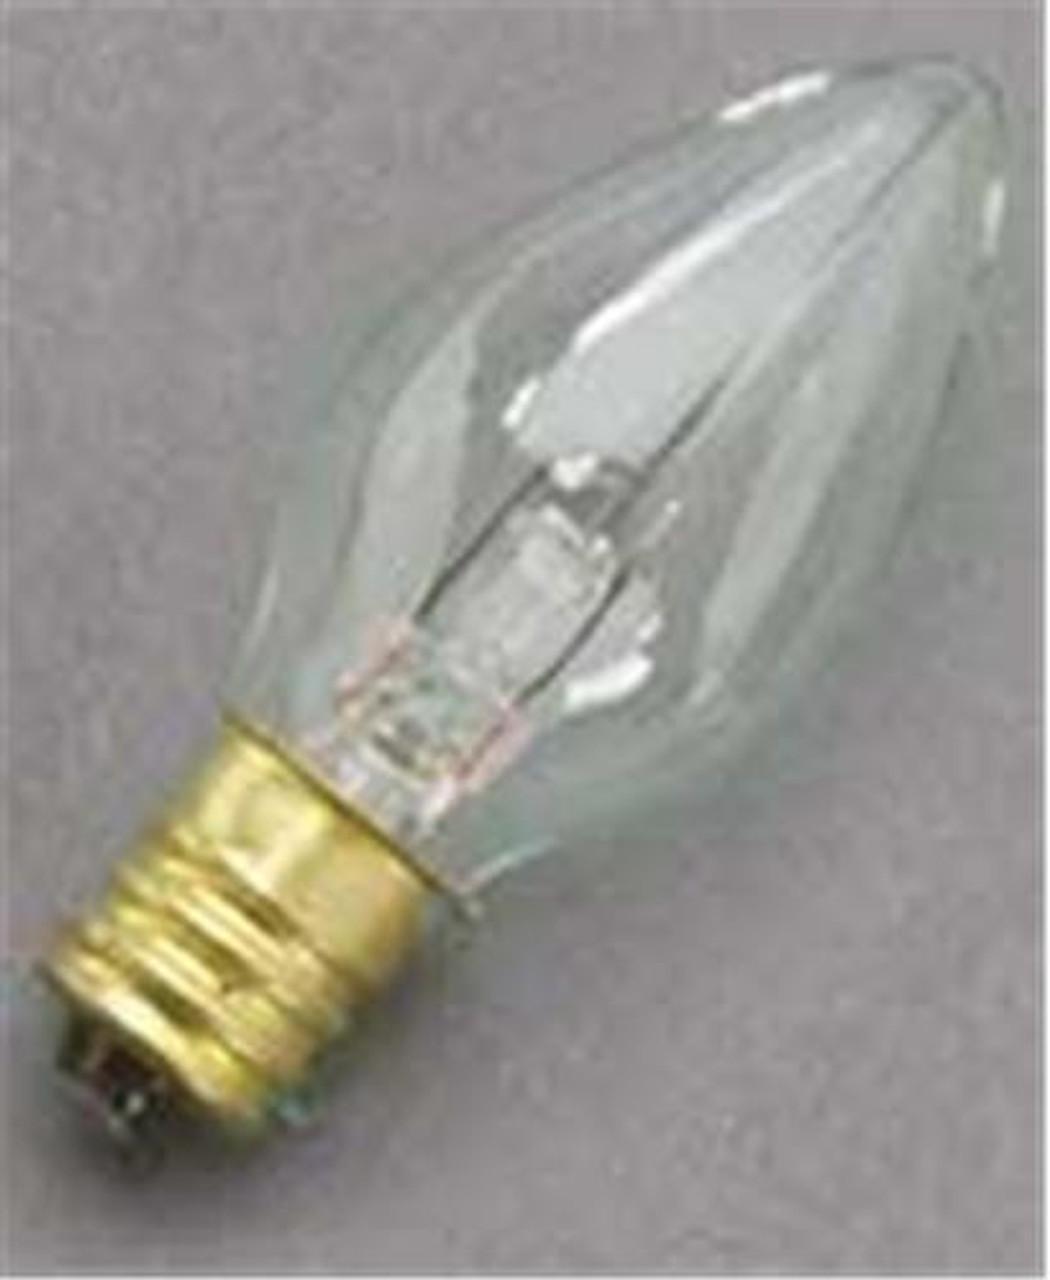 Cherry Tree Toys 7 Watt Night Lamp